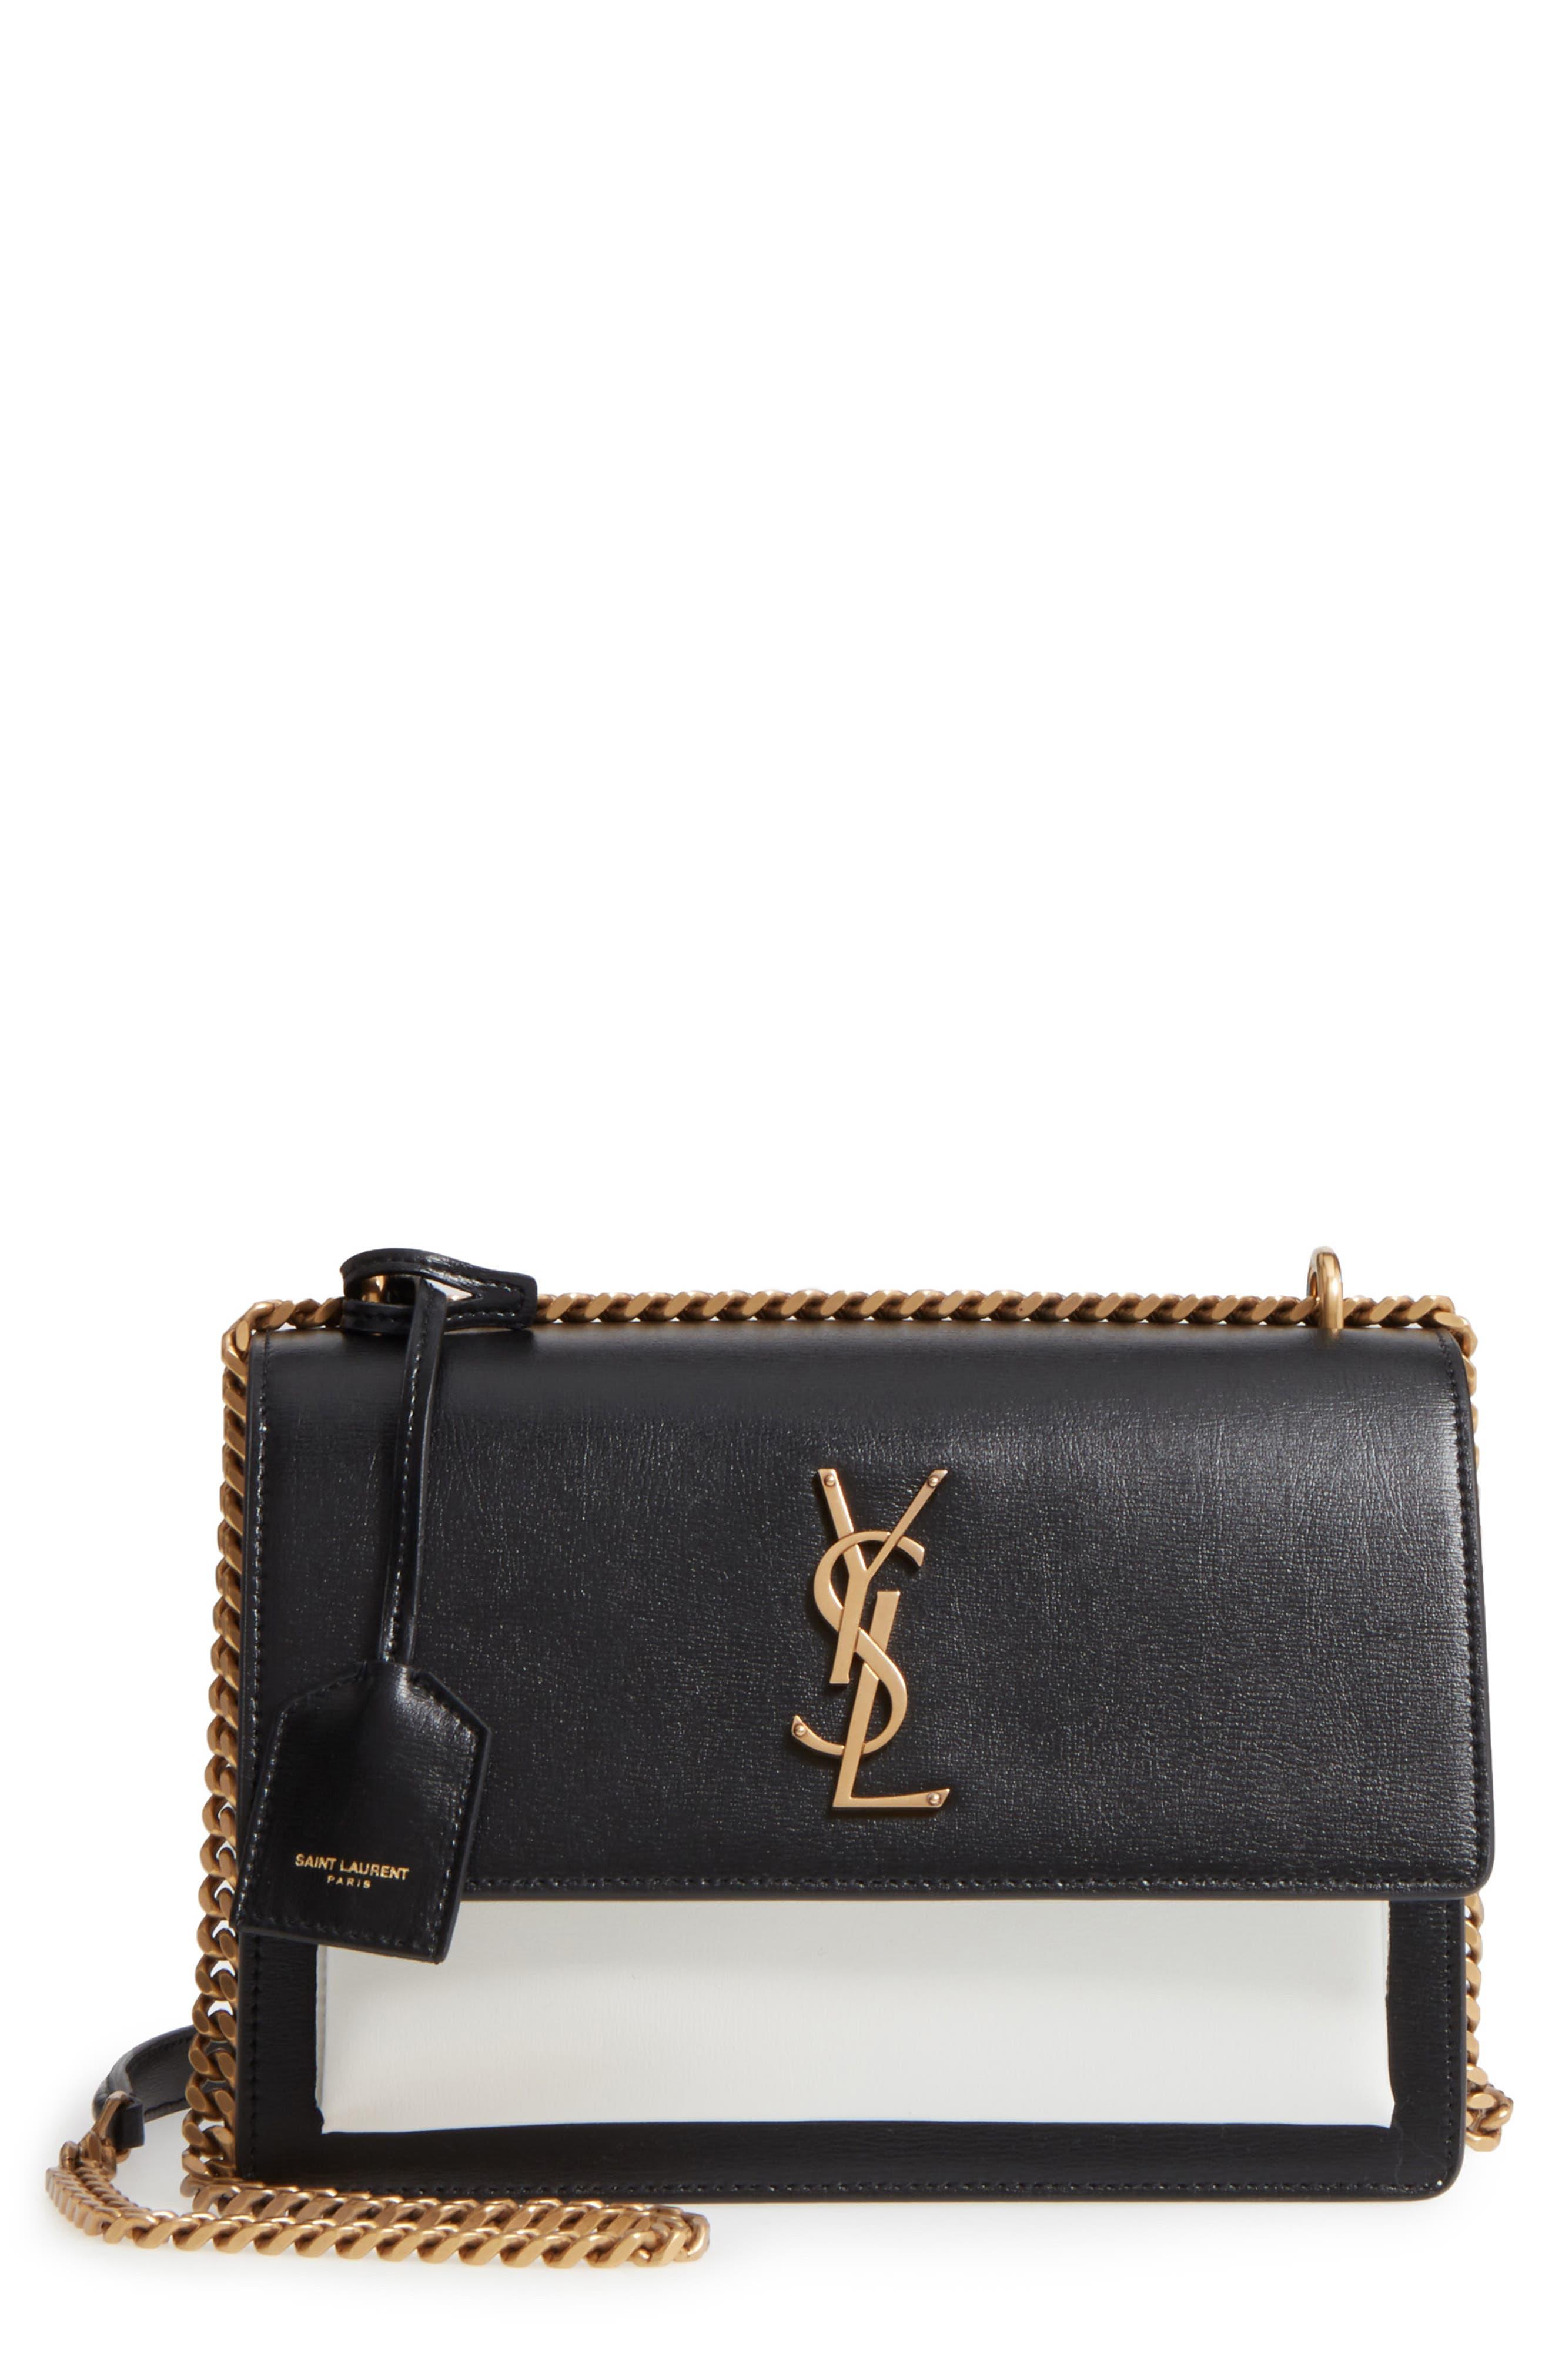 Medium Sunset Leather Shoulder Bag,                         Main,                         color, Black/ White